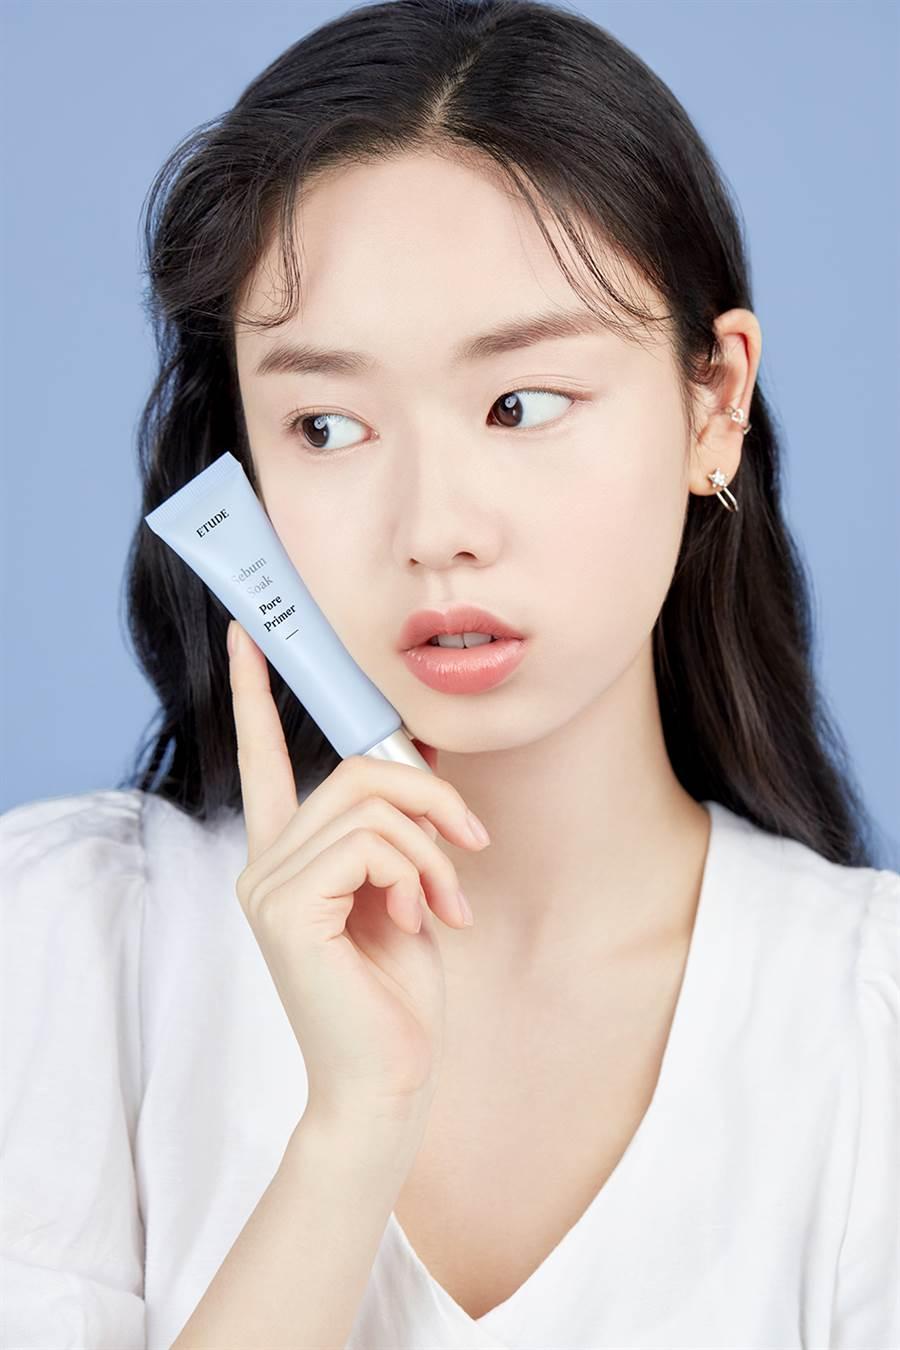 零孔慌妝前修飾凝露可保濕肌底、修飾毛孔與肌膚不平整處。(圖/品牌提供)